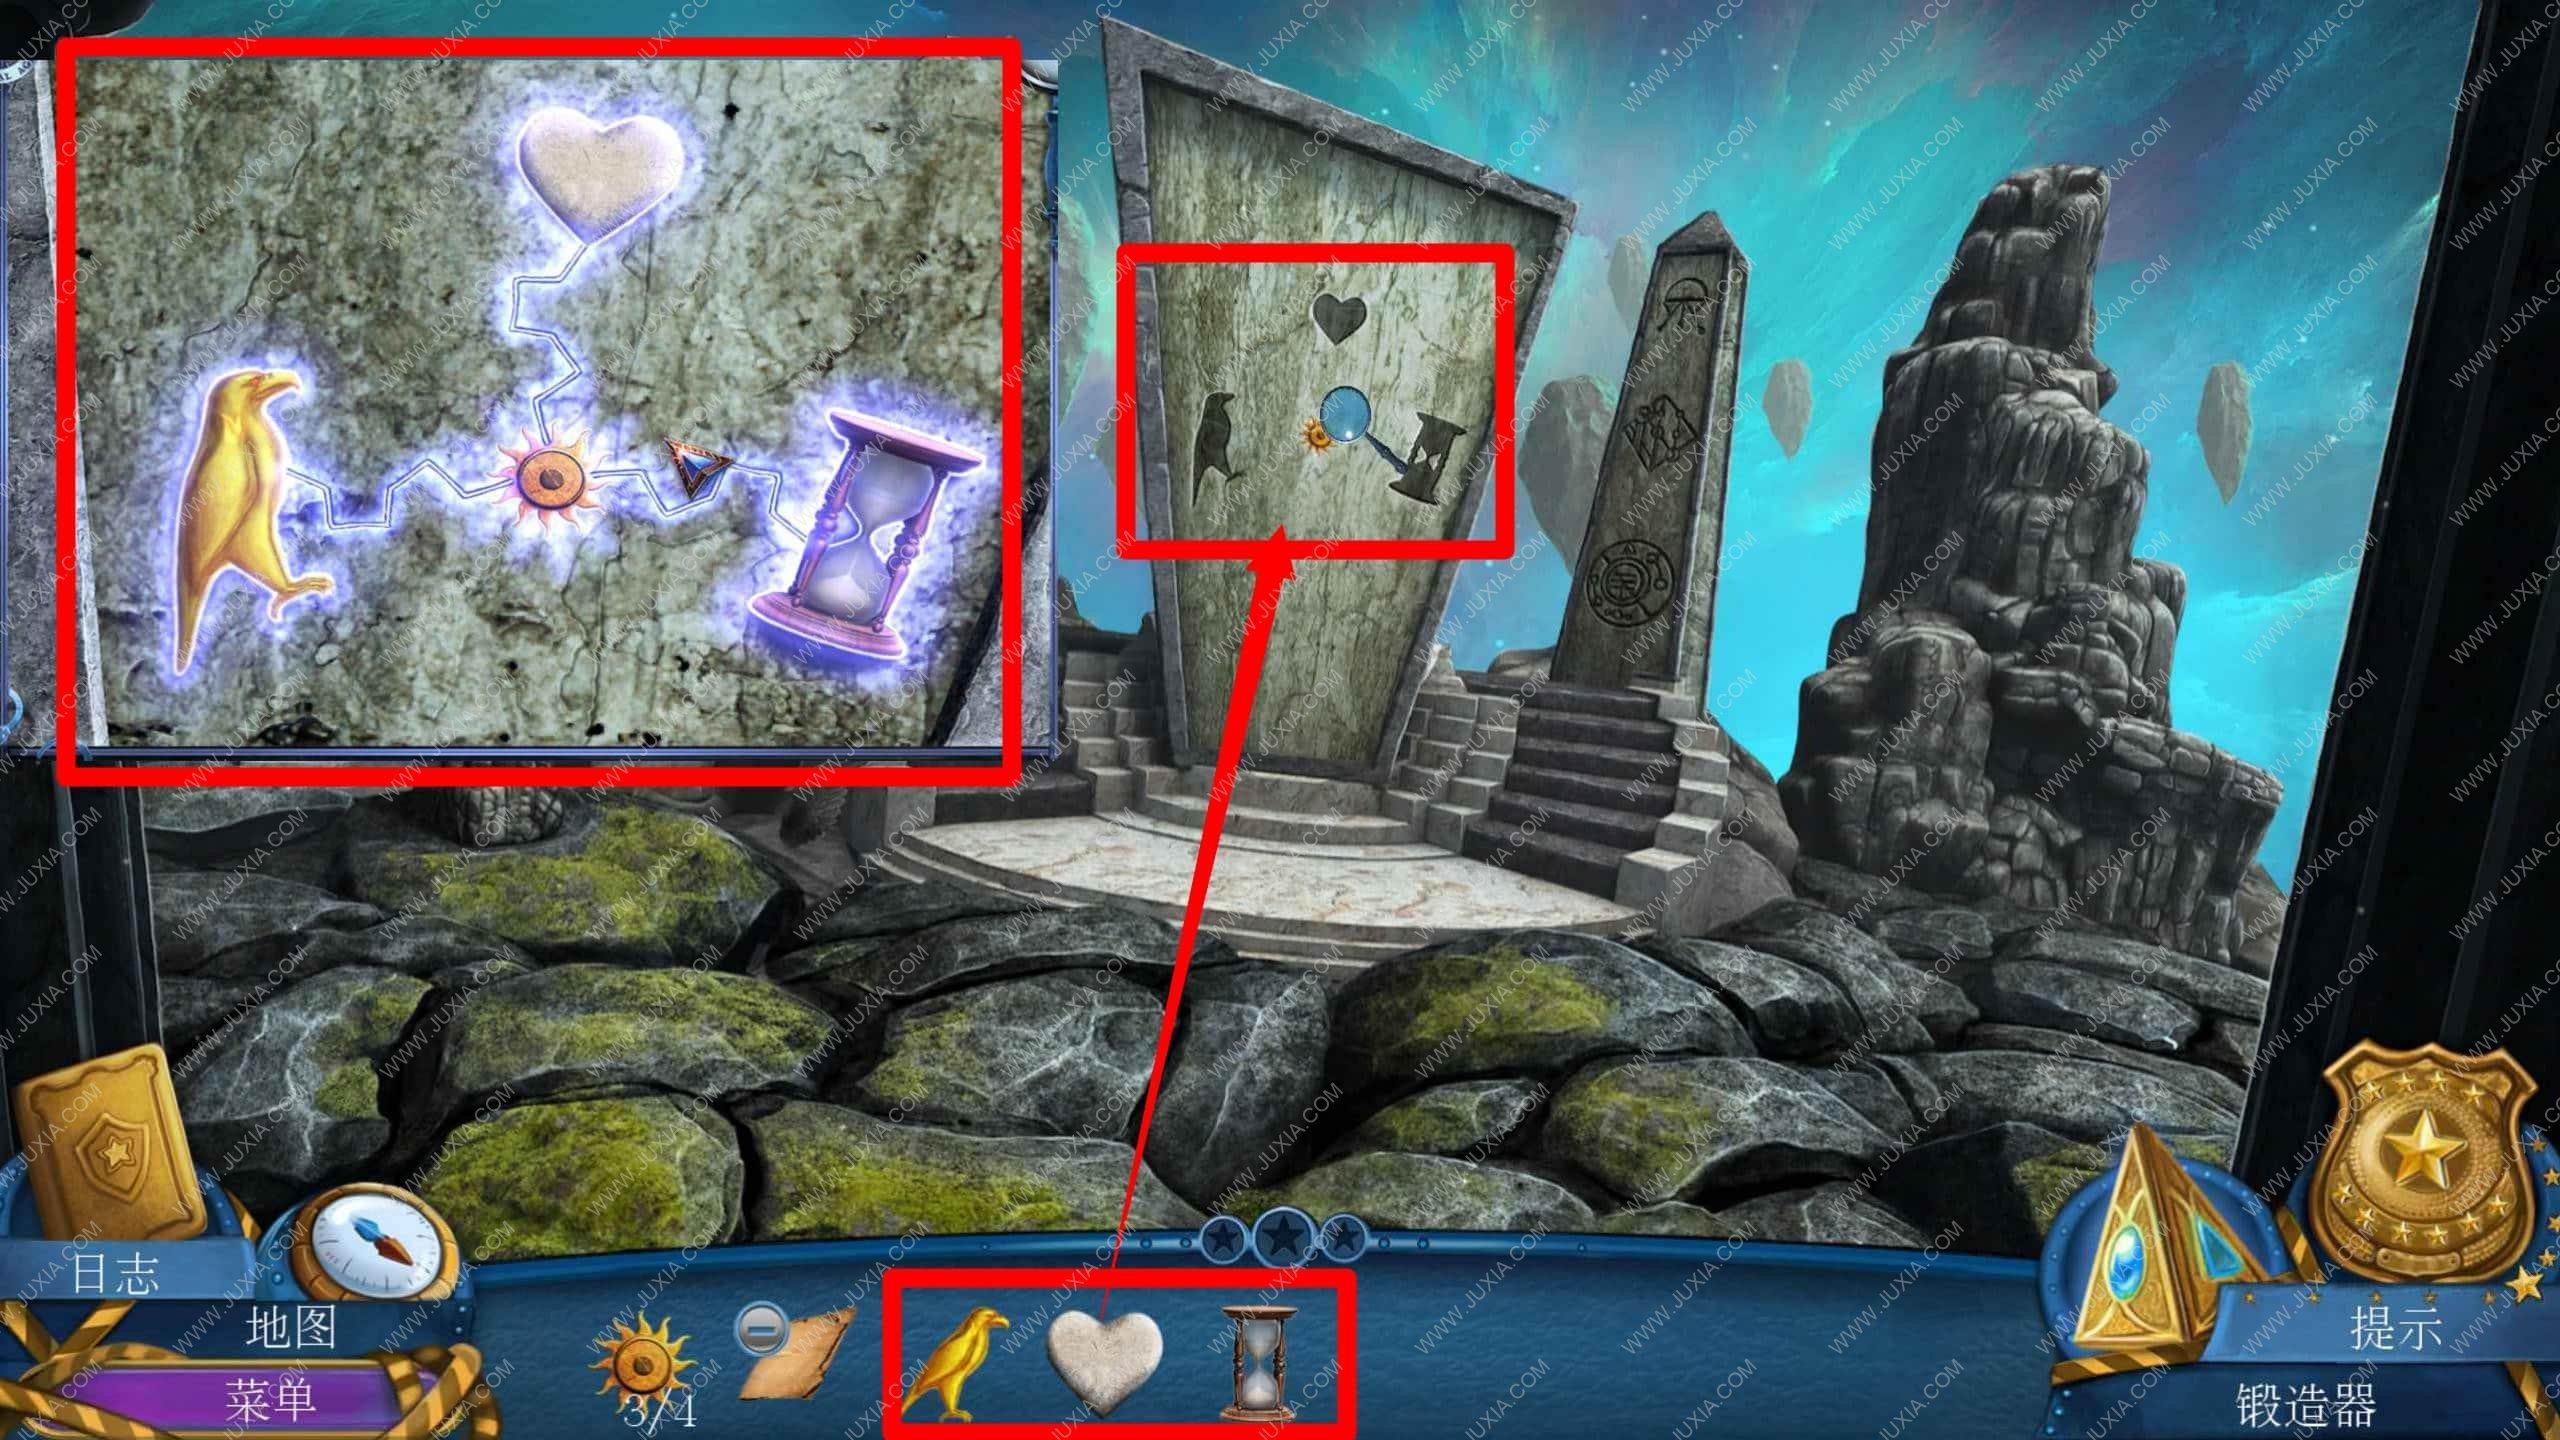 密室逃脱滚动迷城攻略奖励章节第二部分 幽灵档案罪恶的面孔奖励章节攻略